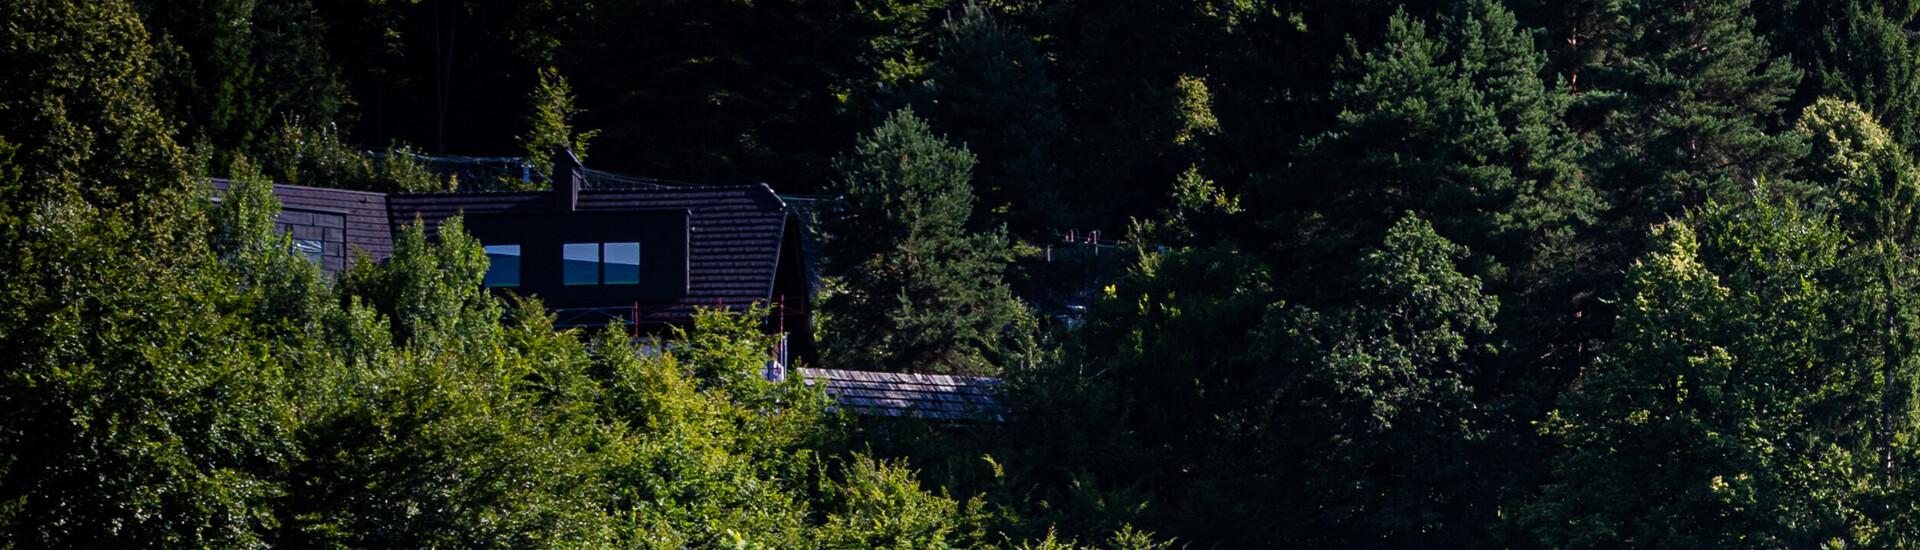 Außenansicht vom Hotel eduCARE, dem Hotel für barrierefreien Urlaub am See